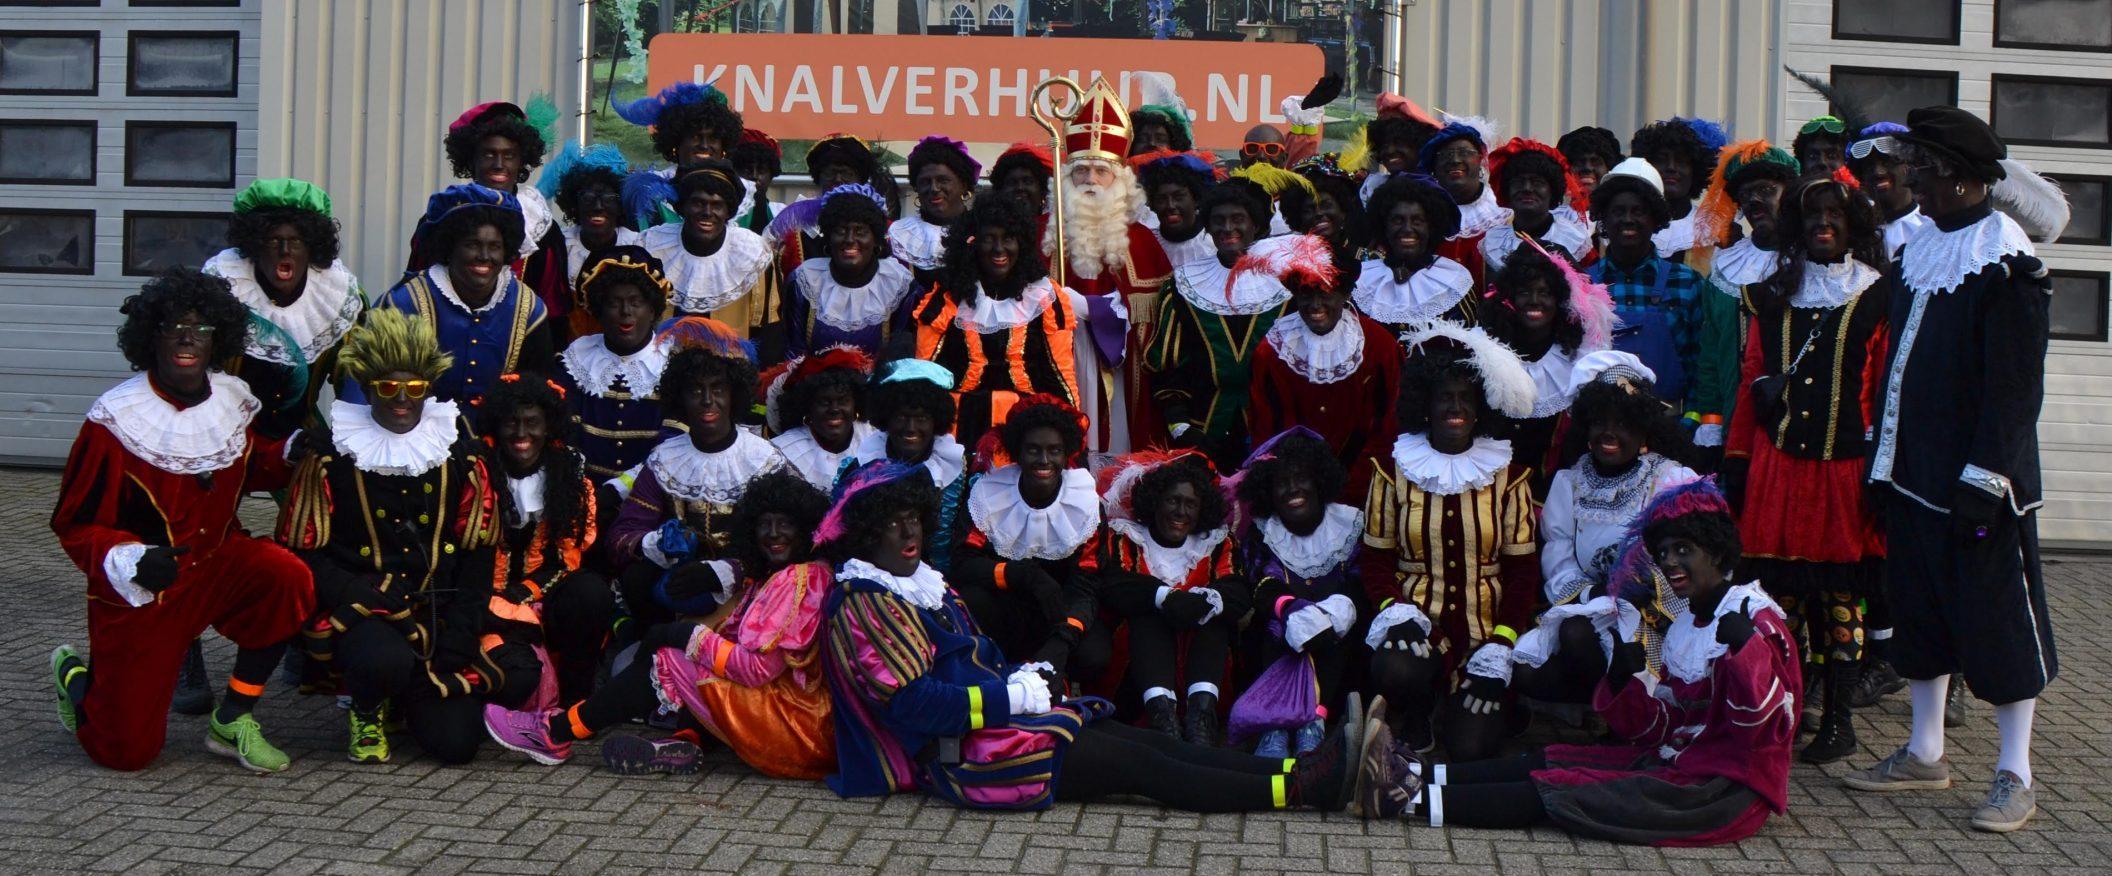 jaarlijks terugkerend evenement in Zuidbroek is de Pakjesbezorgdag